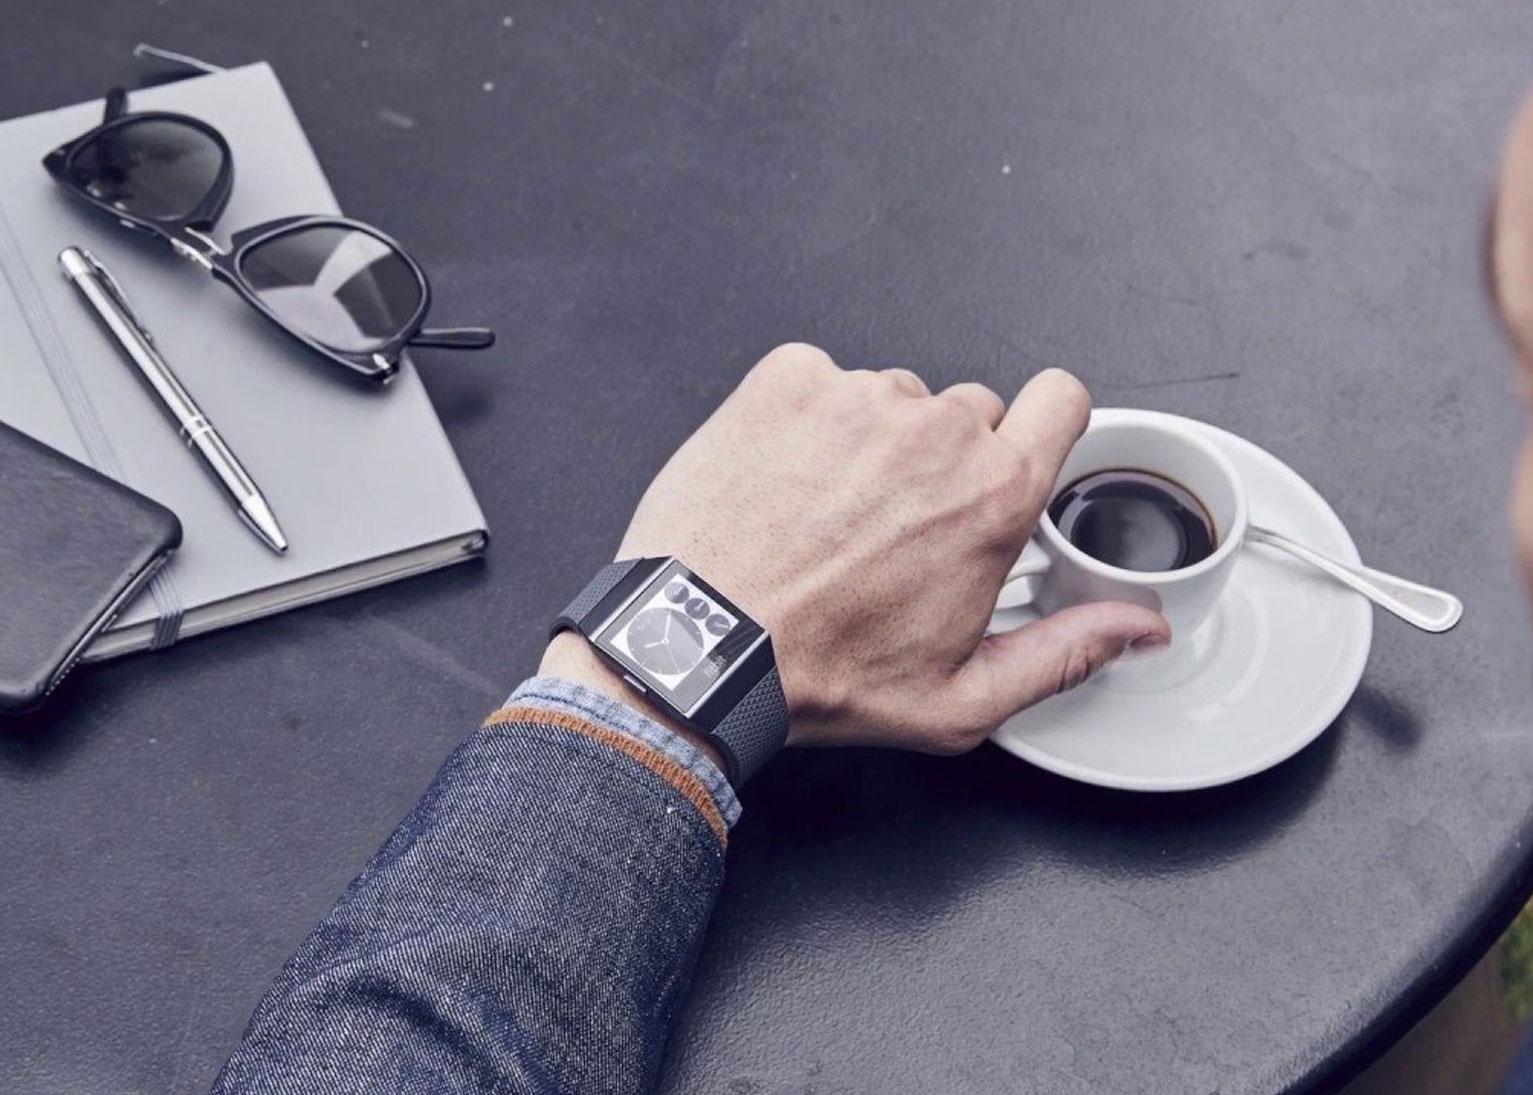 smartwatch-dang-mua-pin-trau-khang-nuoc